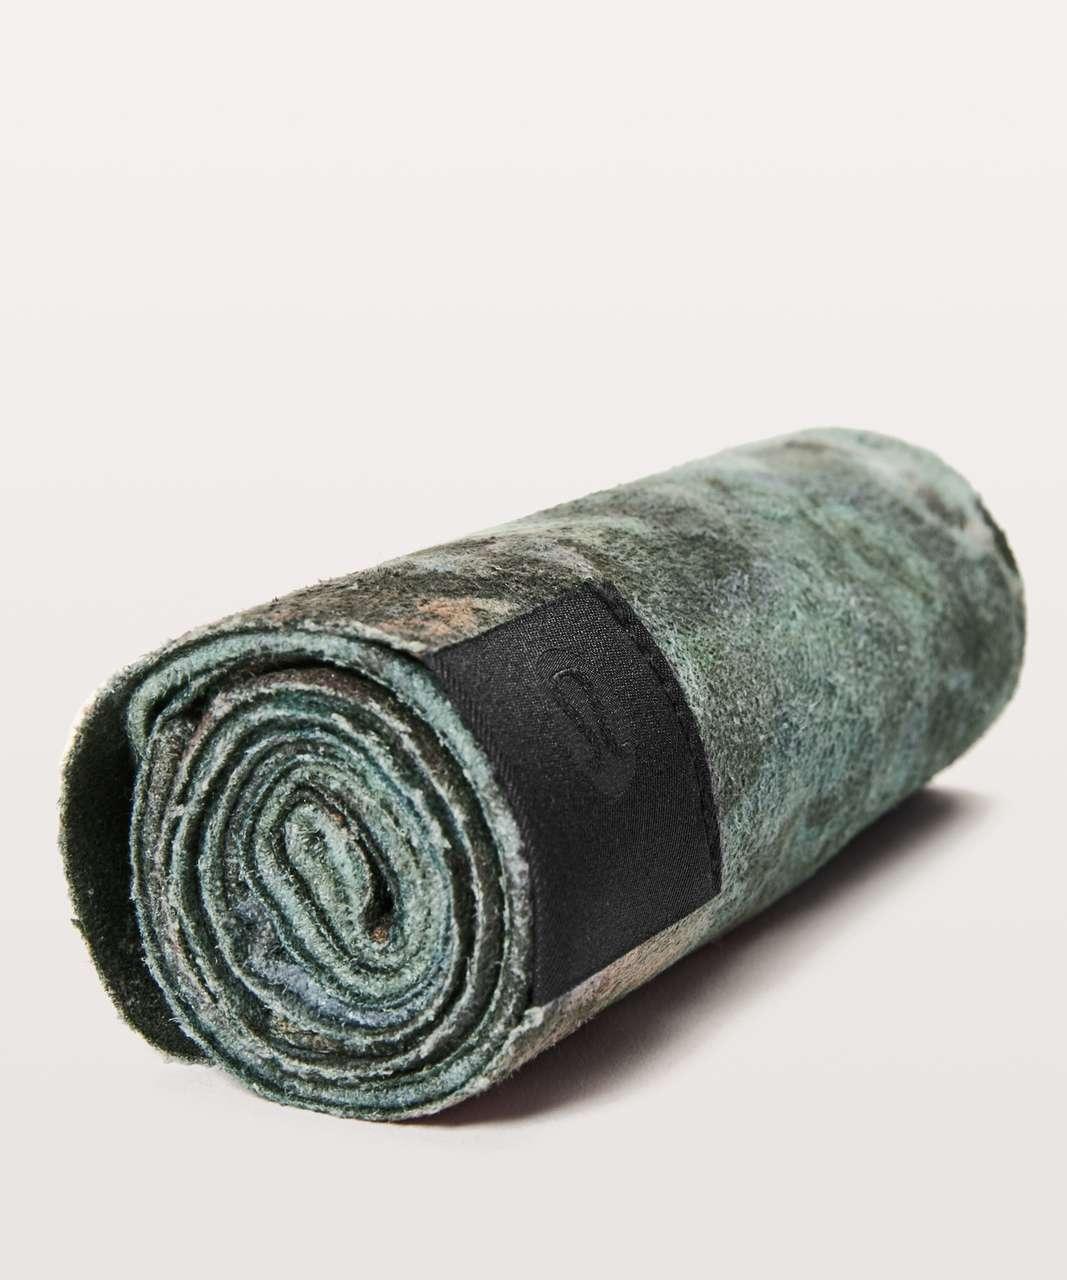 Lululemon The (Small) Towel - Radiant Multi / Black